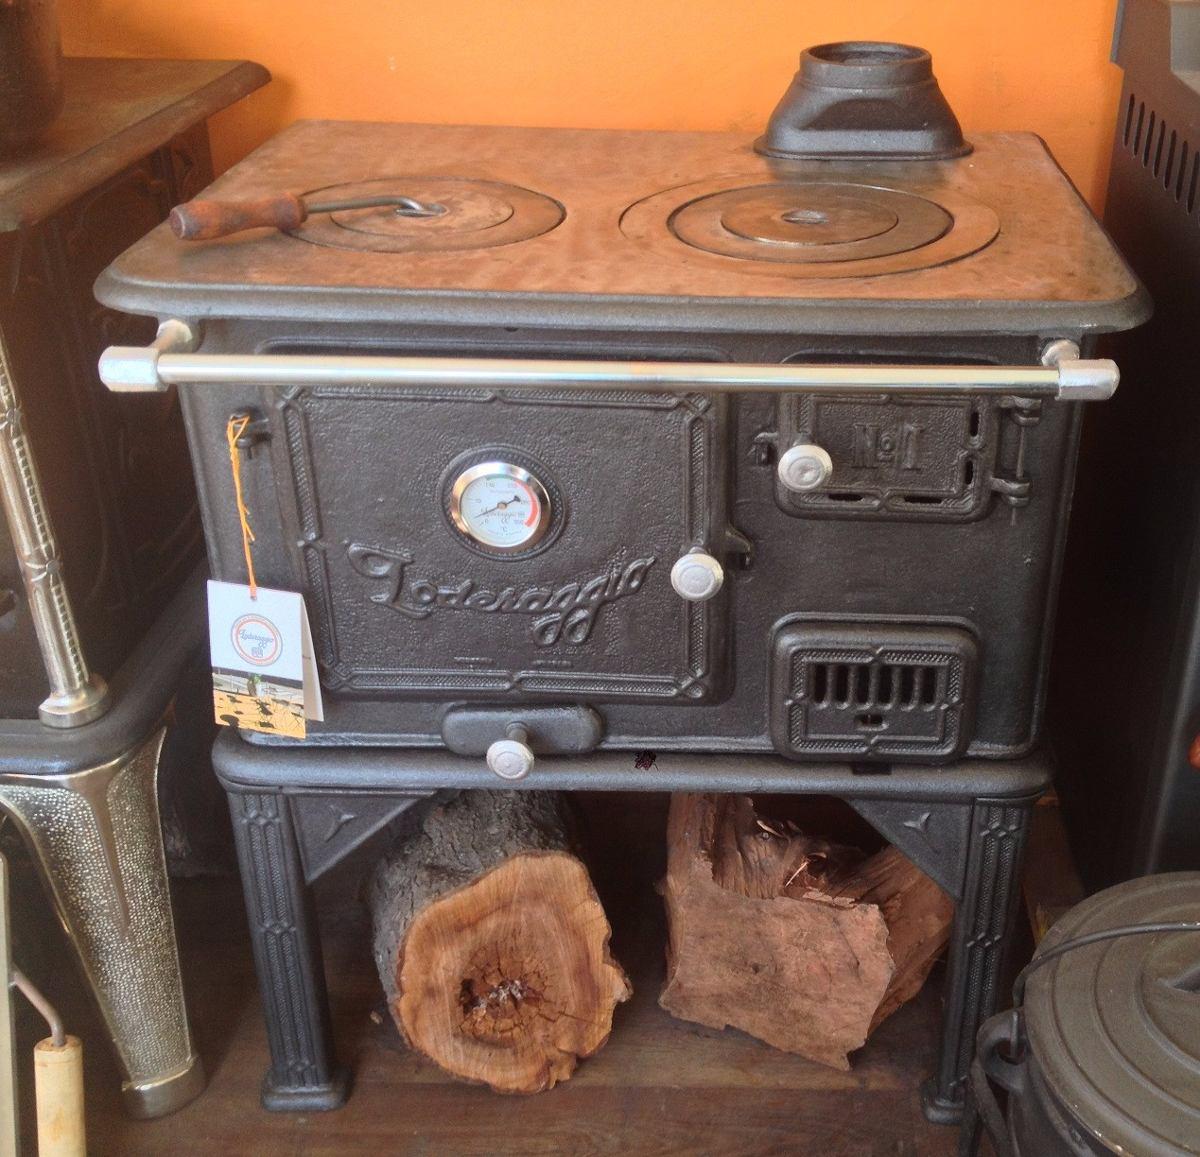 Bonito cocina de hierro fundido im genes cocina hierro - Cocinas de lena antiguas ...